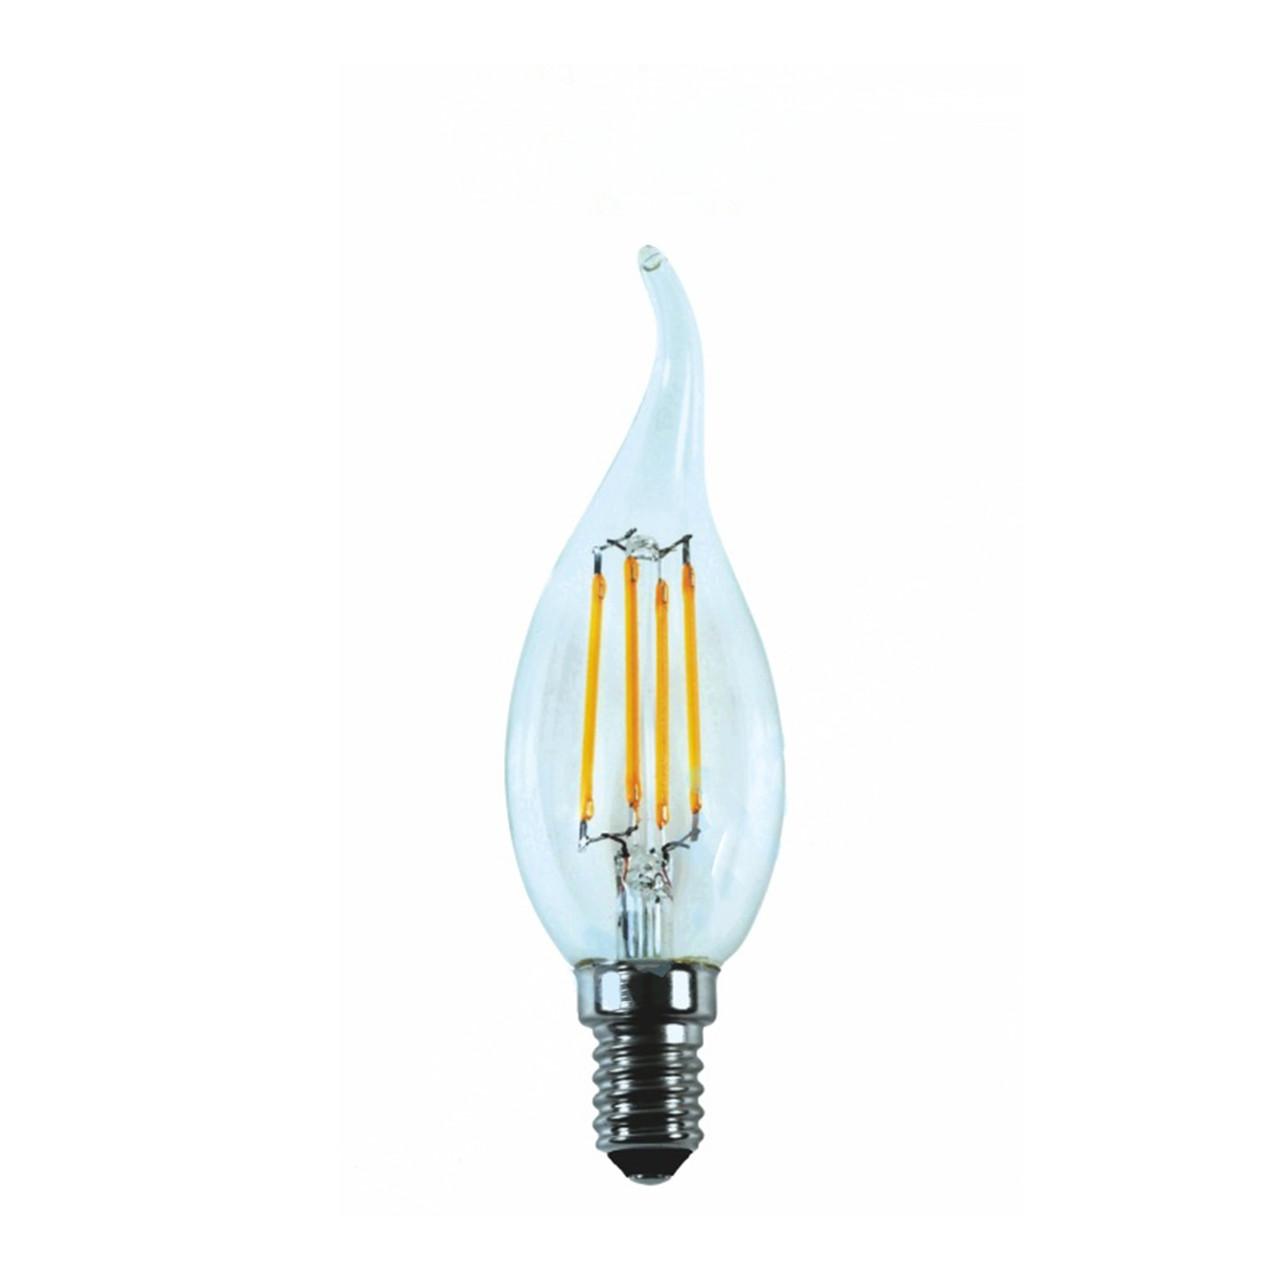 Лампа LED Platinum Filament Свічка на вітрі 6W E14 4000K, прозора C35T RIGHT HAUSEN